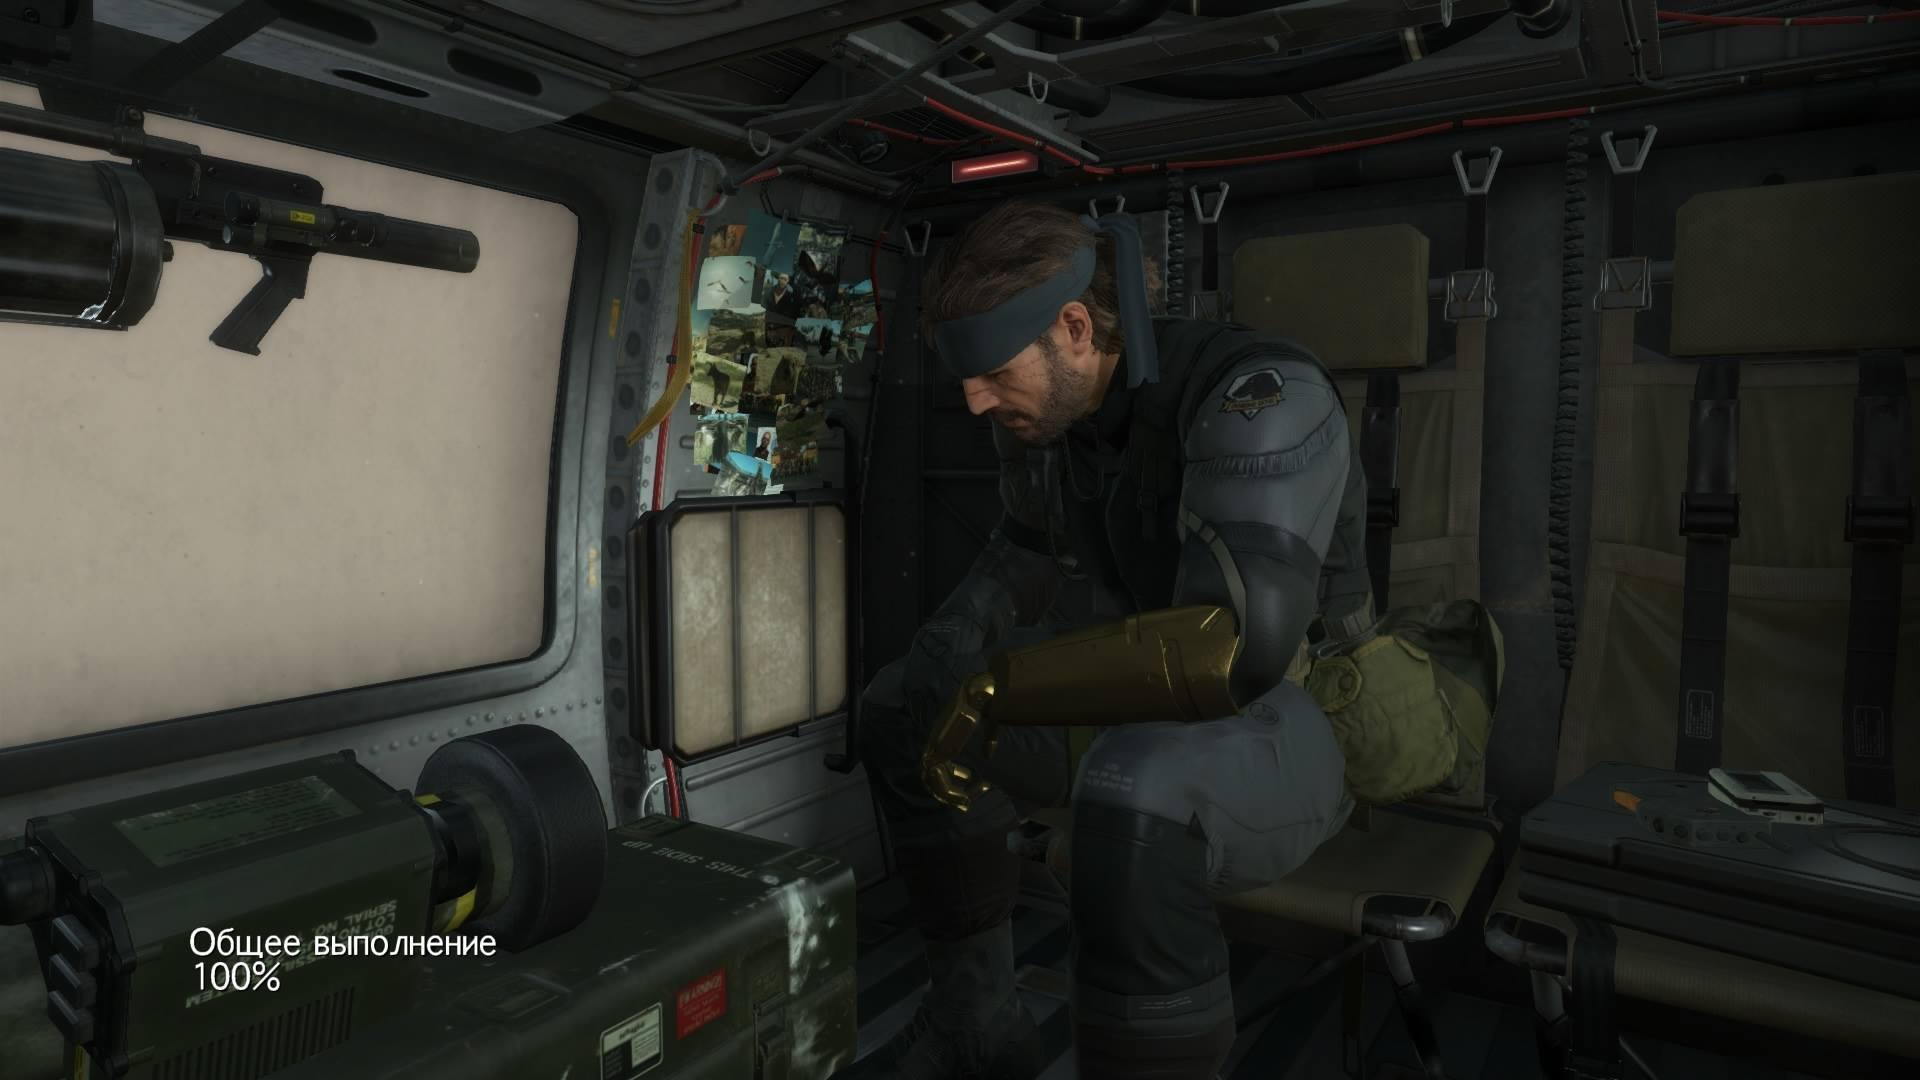 Прошел Metal Gear Solid V: Phantom Pain на 100%. - Изображение 1